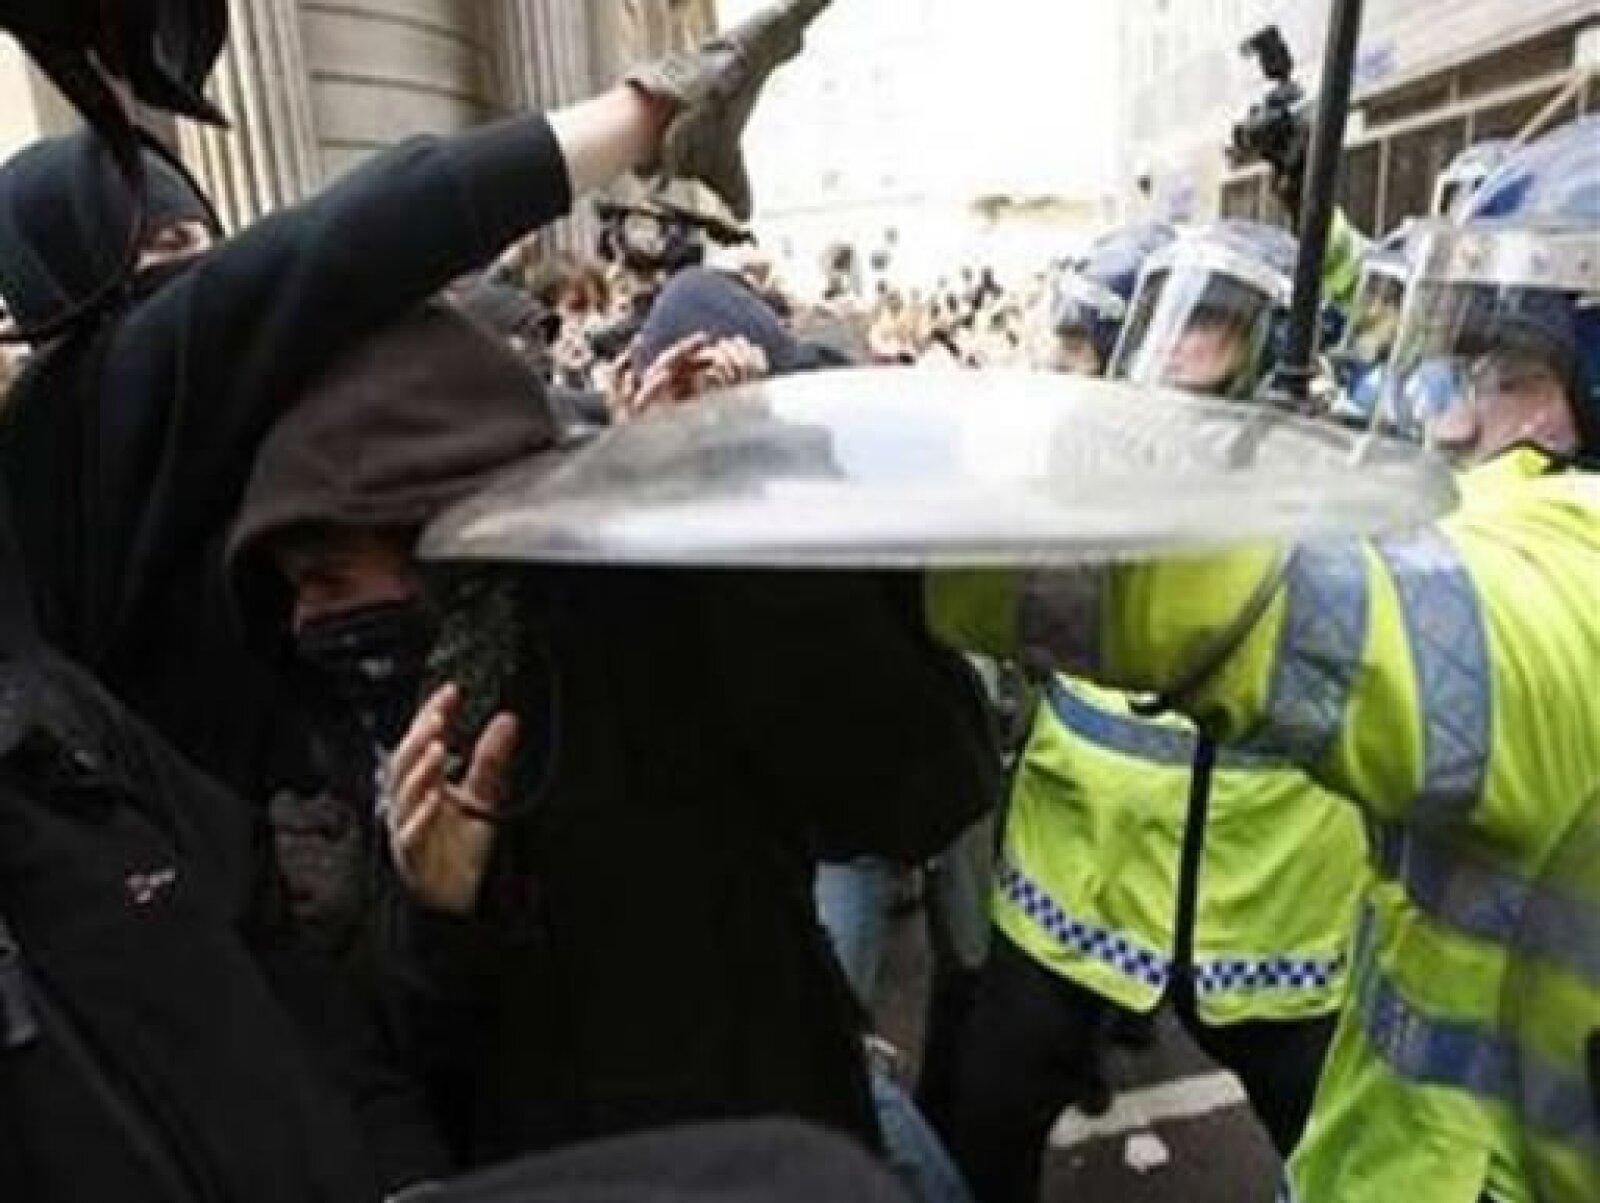 Los tumultos y empujones son retenidos mediante la fuerza policial.